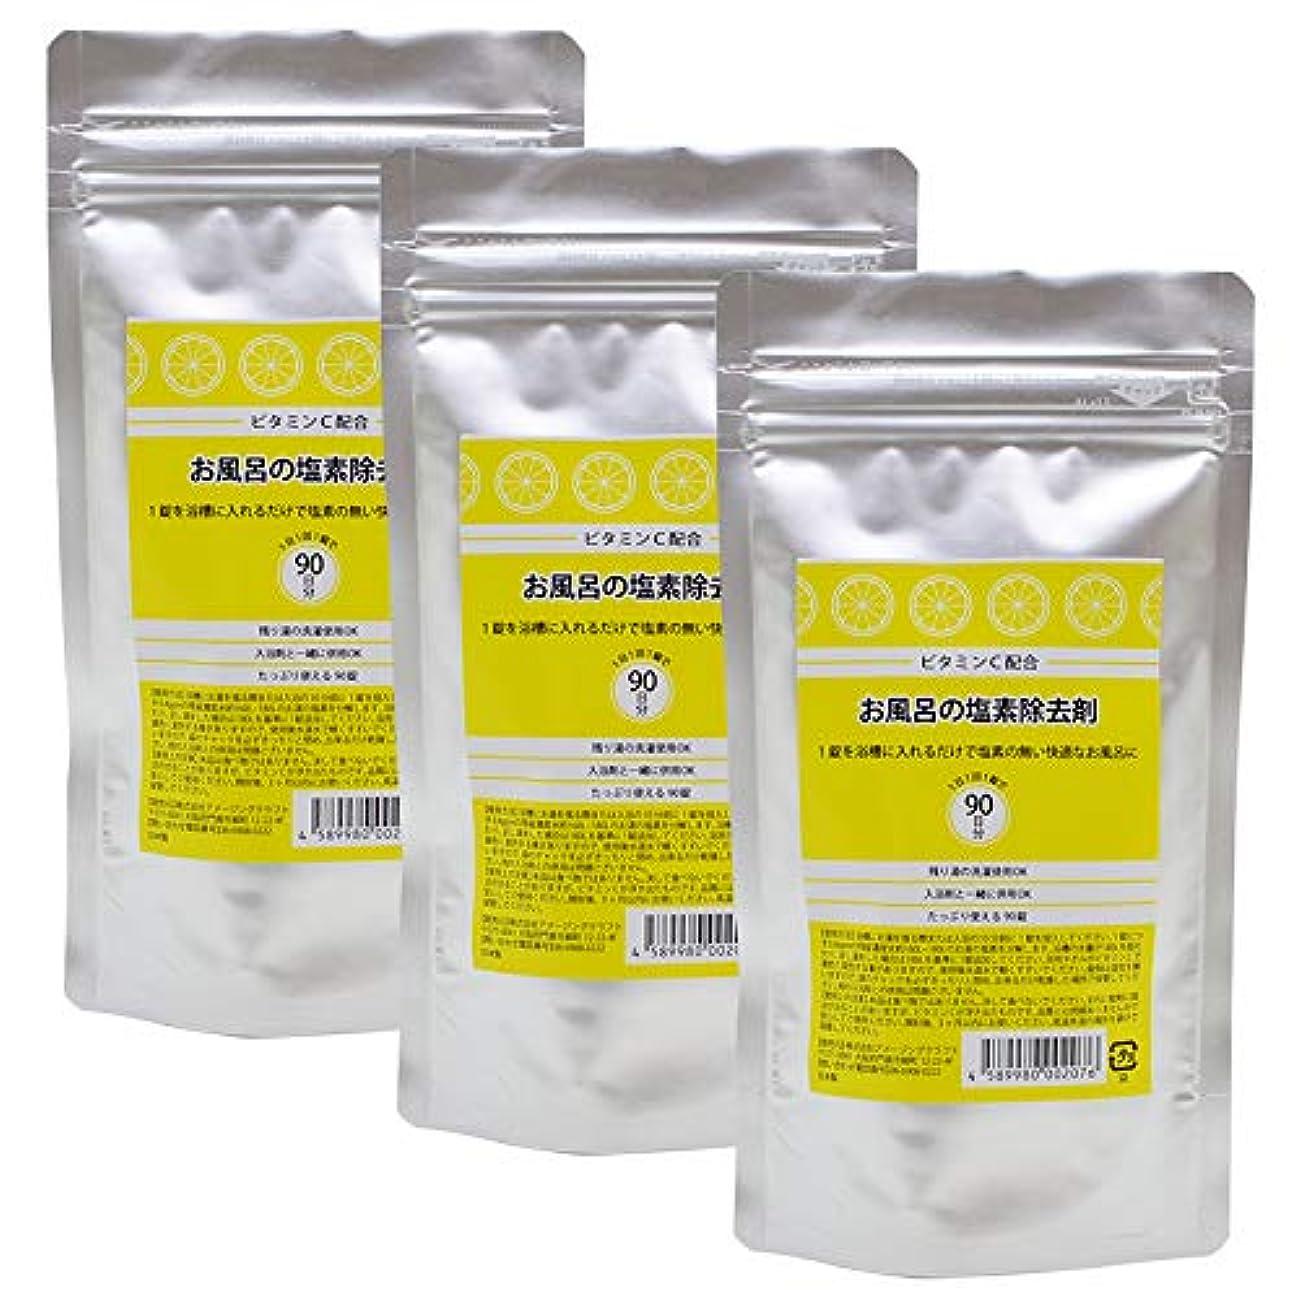 さわやか開始正規化ビタミンC配合 お風呂の塩素除去剤 錠剤タイプ 90錠 3個セット 浴槽用脱塩素剤